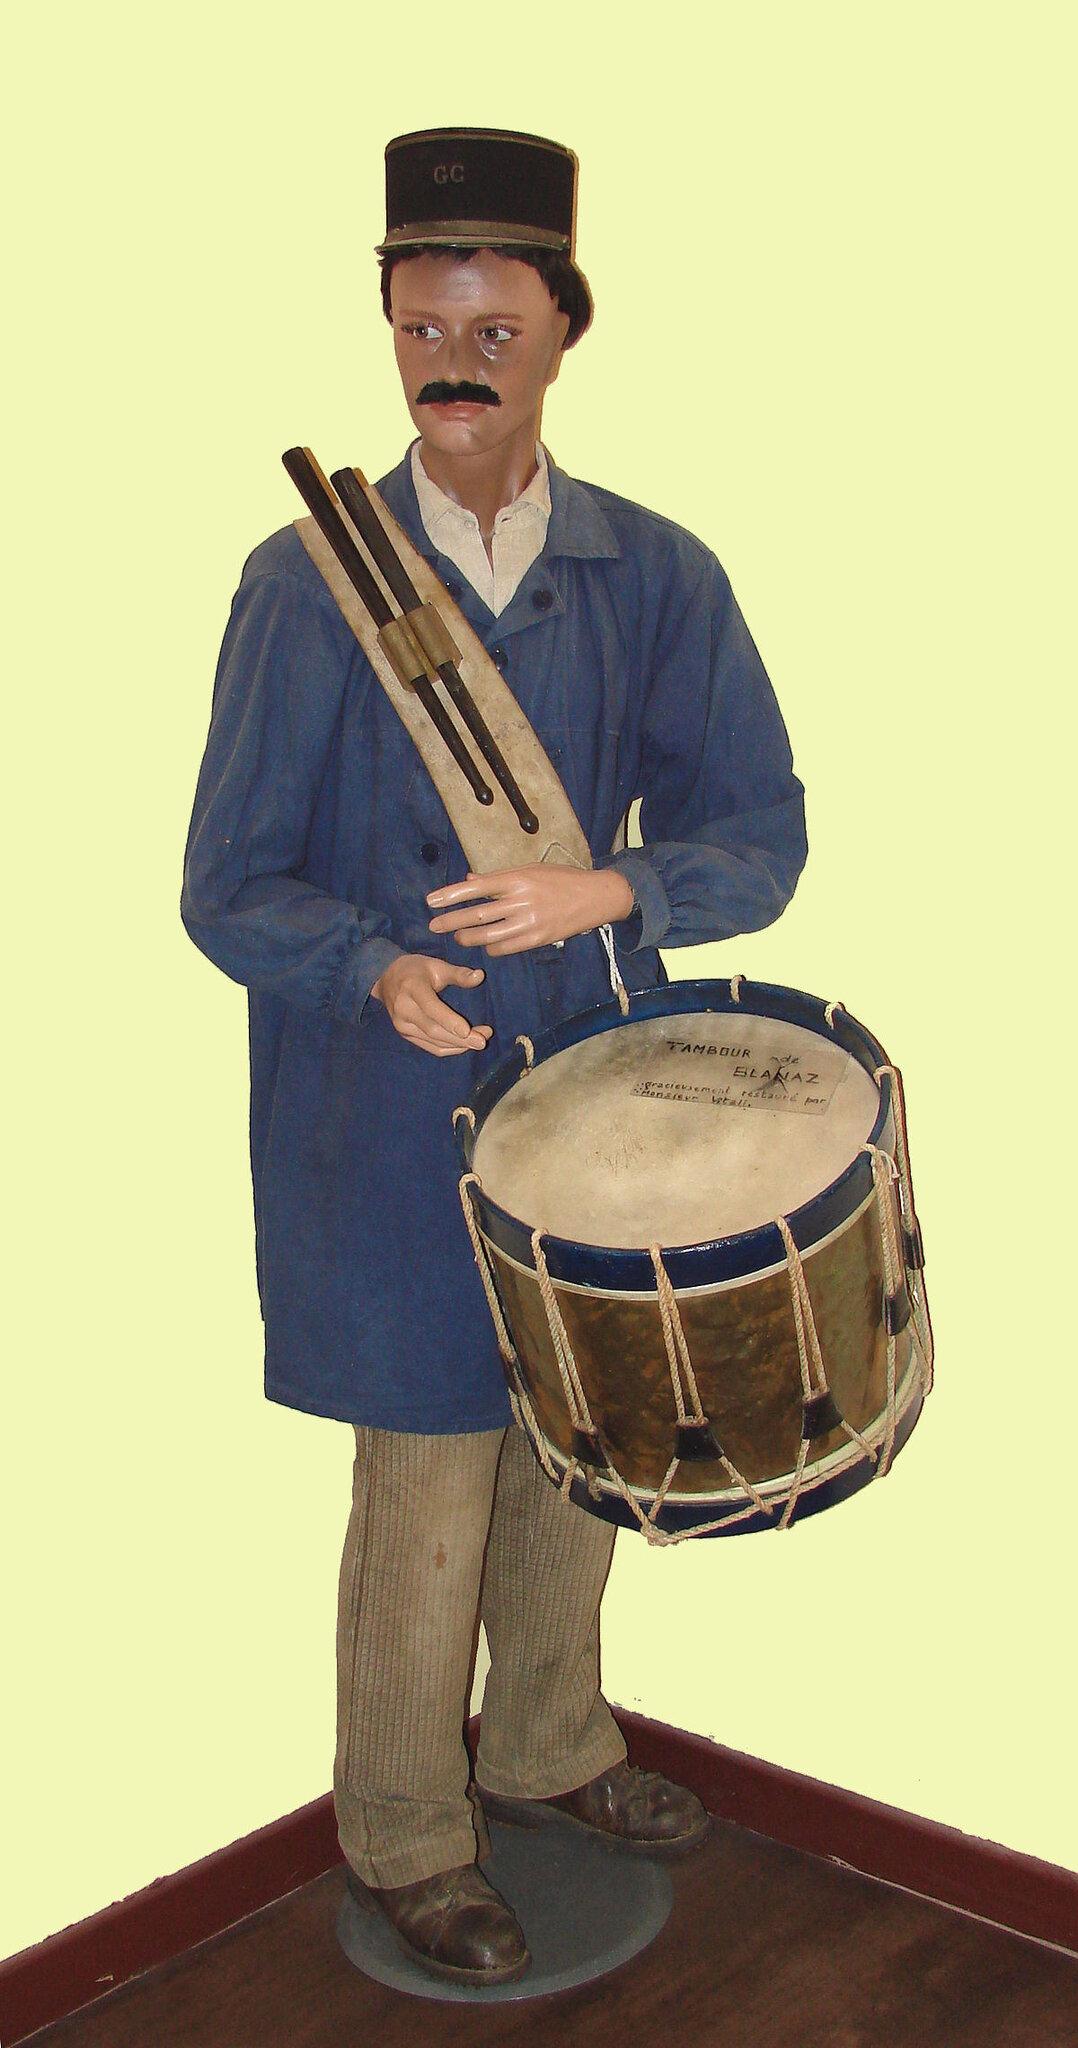 Le 12 novembre 1790 à Mamers : Habillement du tambour de ville, le citoyen Fleury et paiement de ses gages.